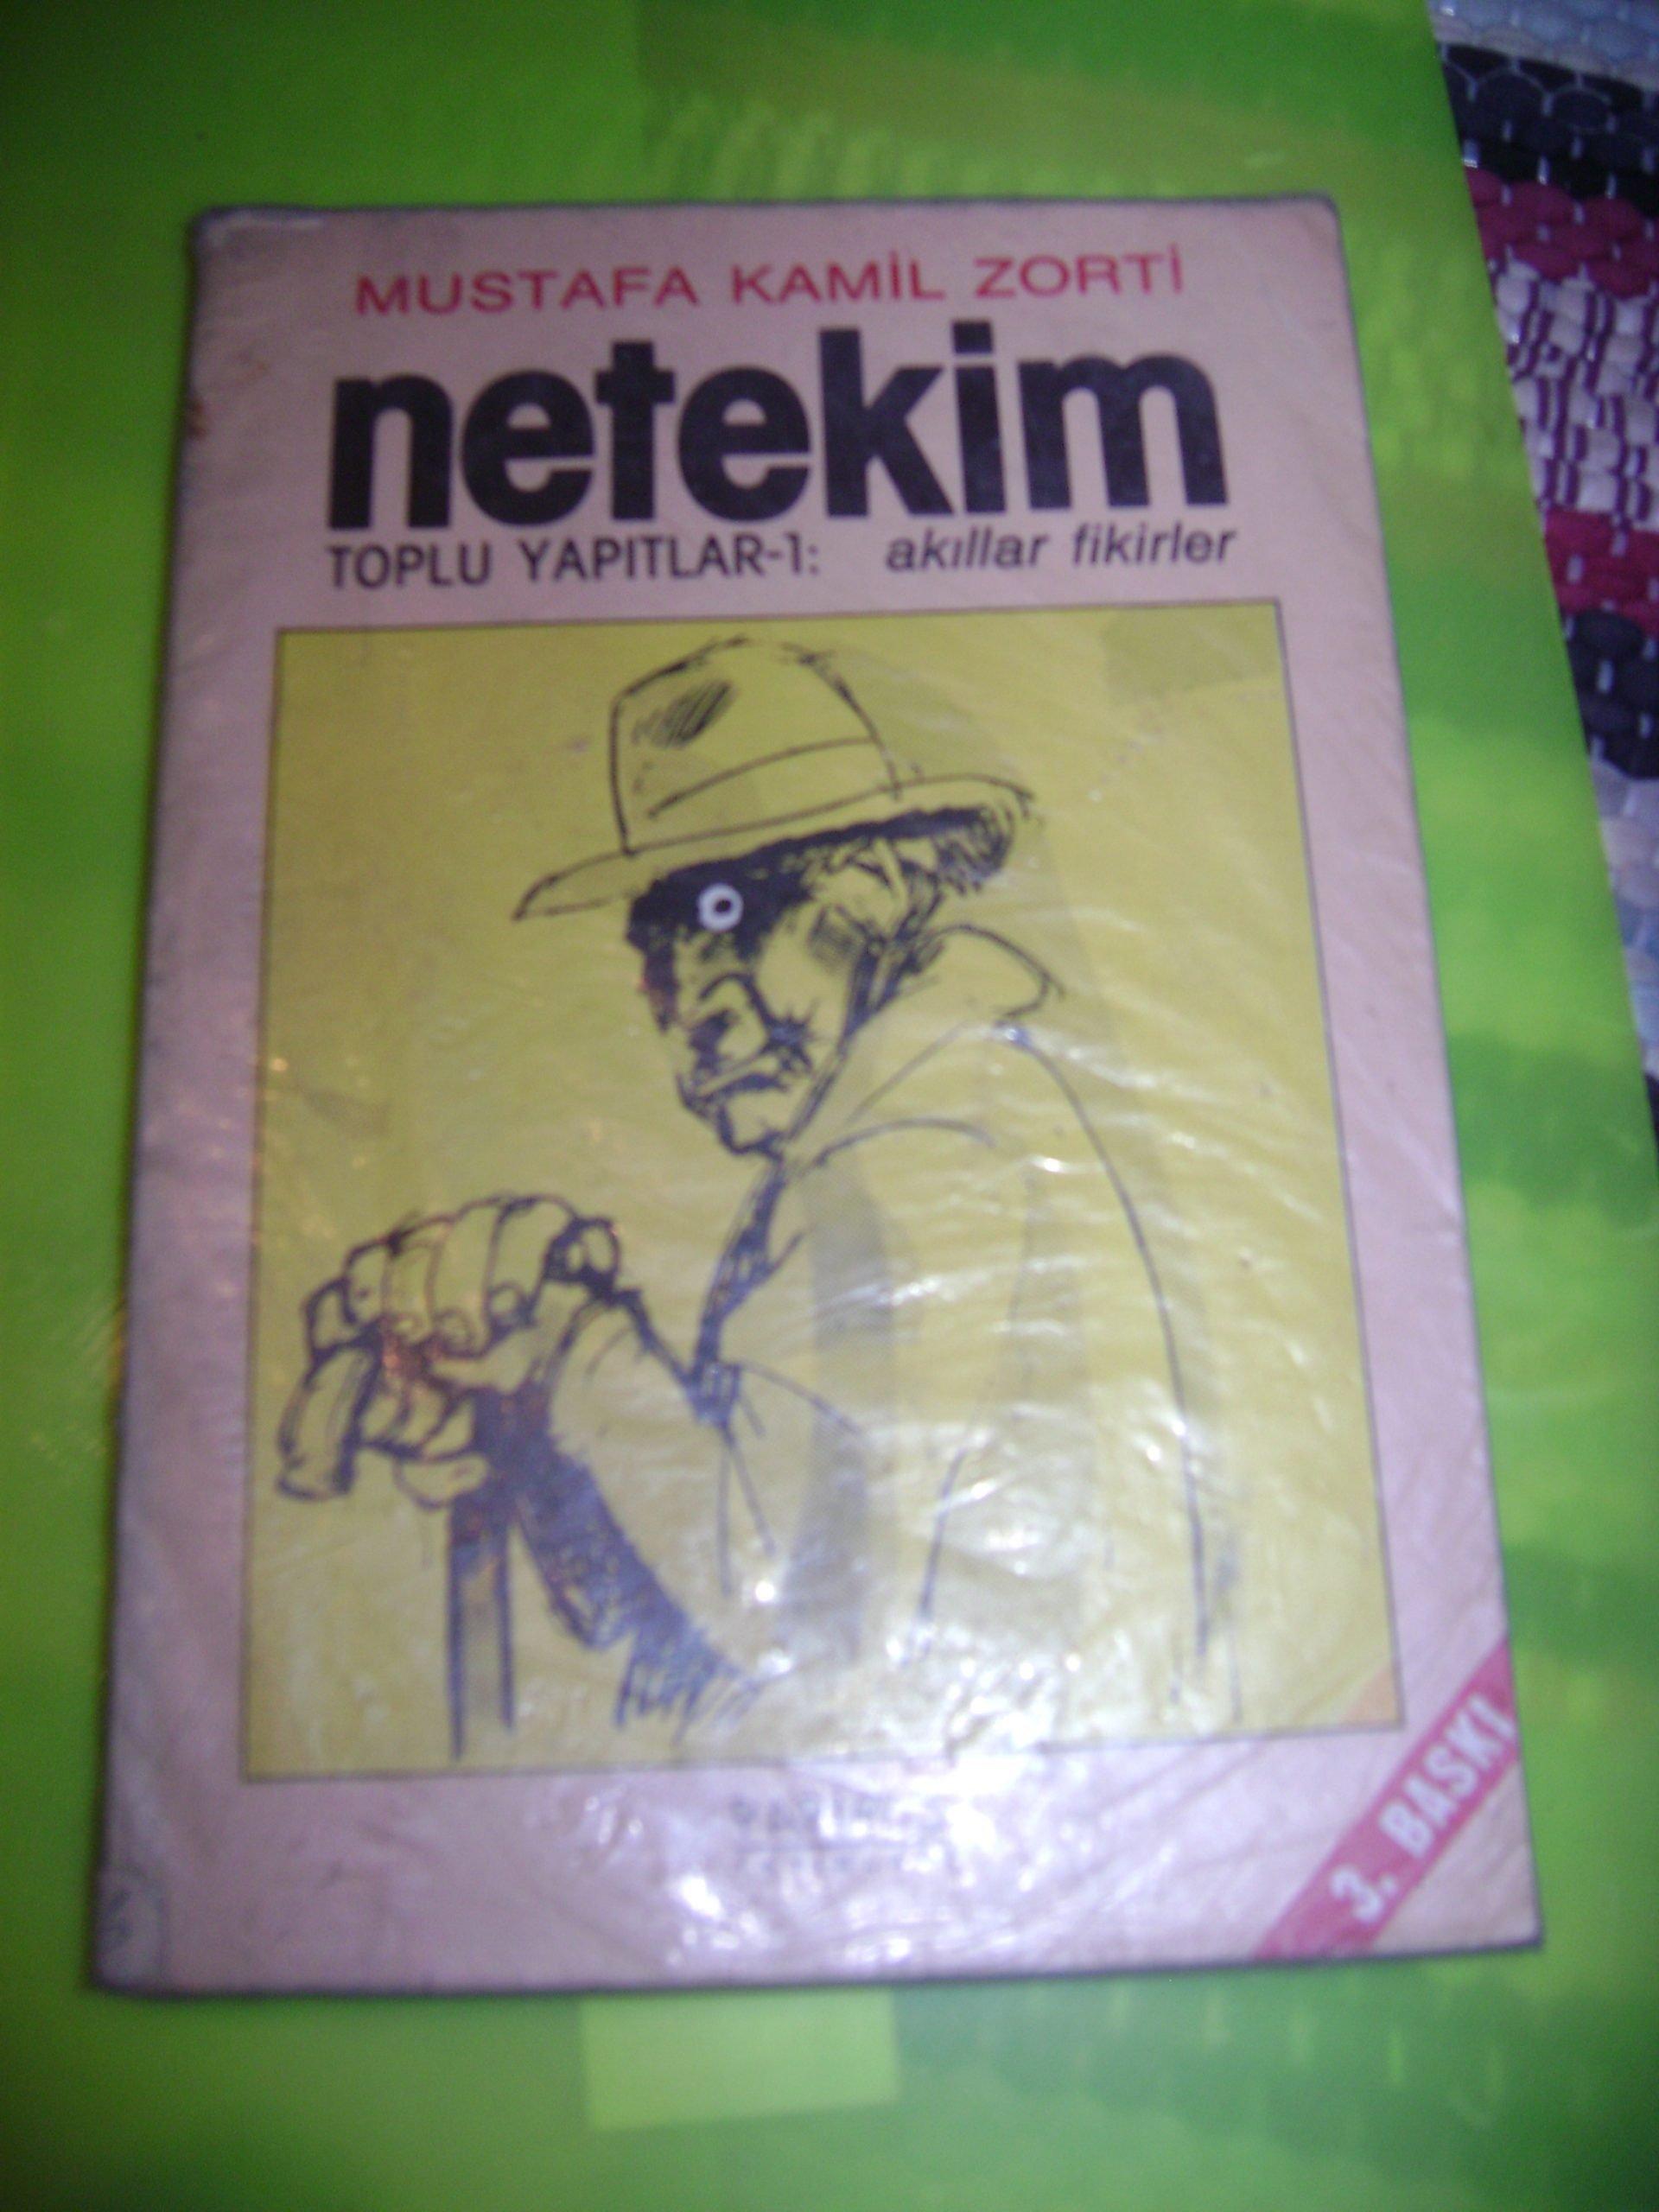 NETEKİM/Mustafa Kamil Zorti / 10TL